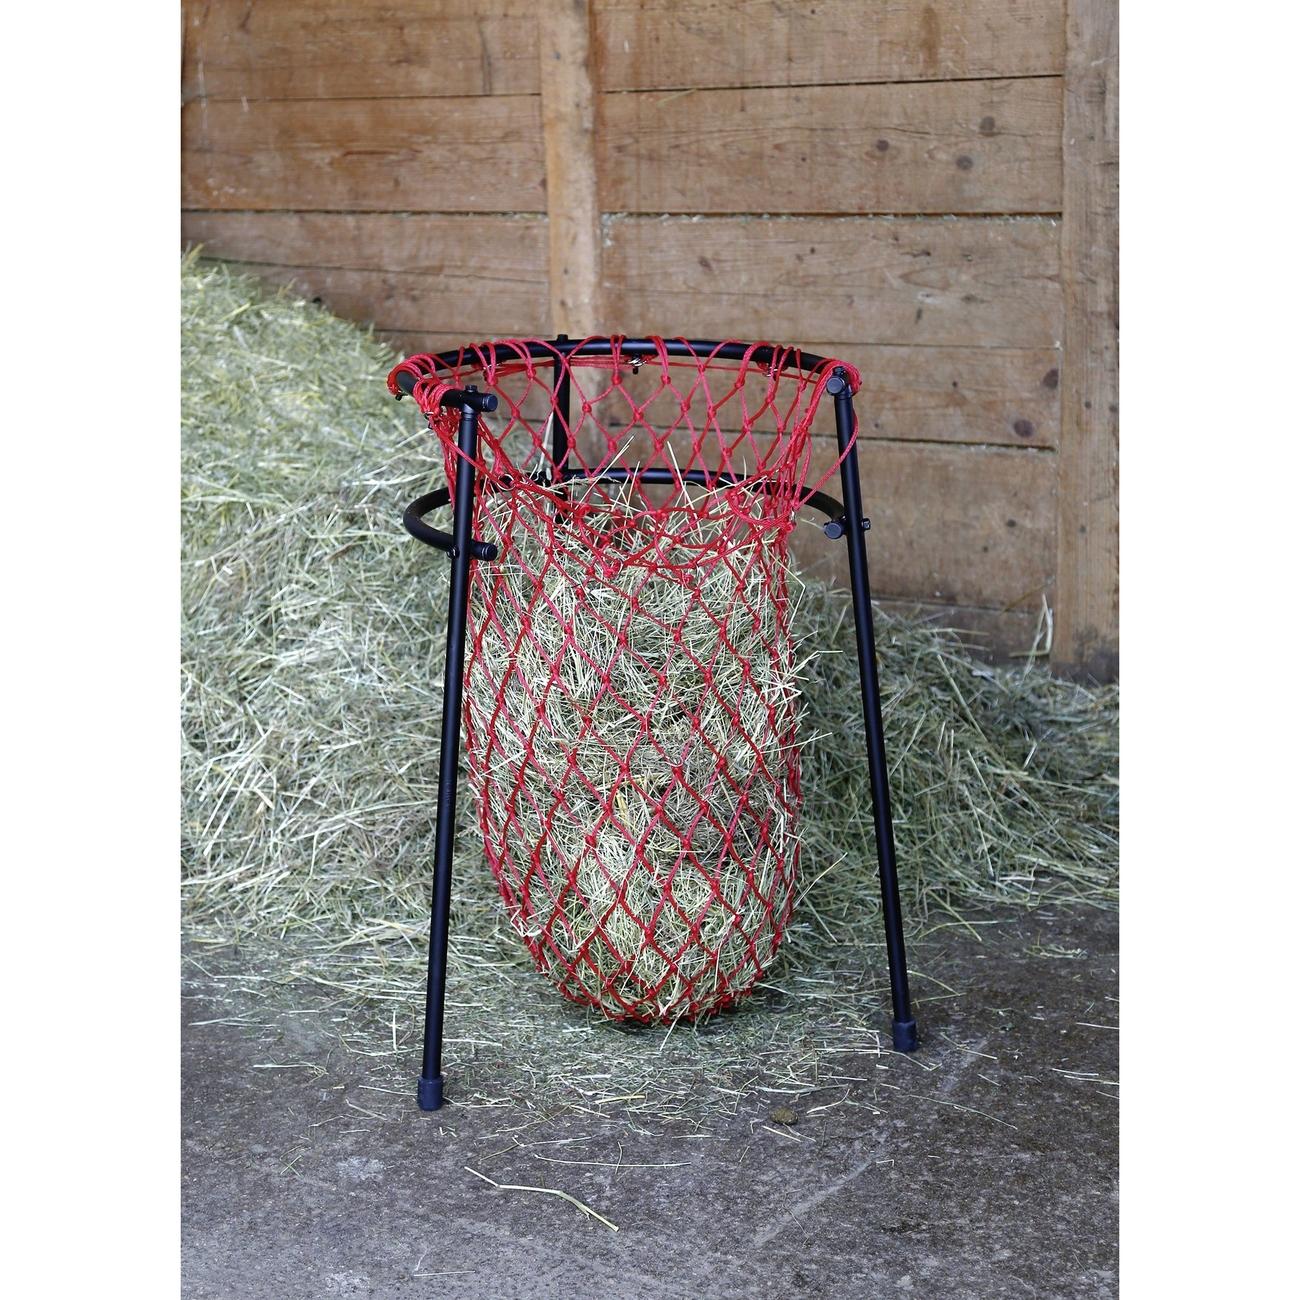 Kerbl Füllhilfe für Heunetze, Bild 5